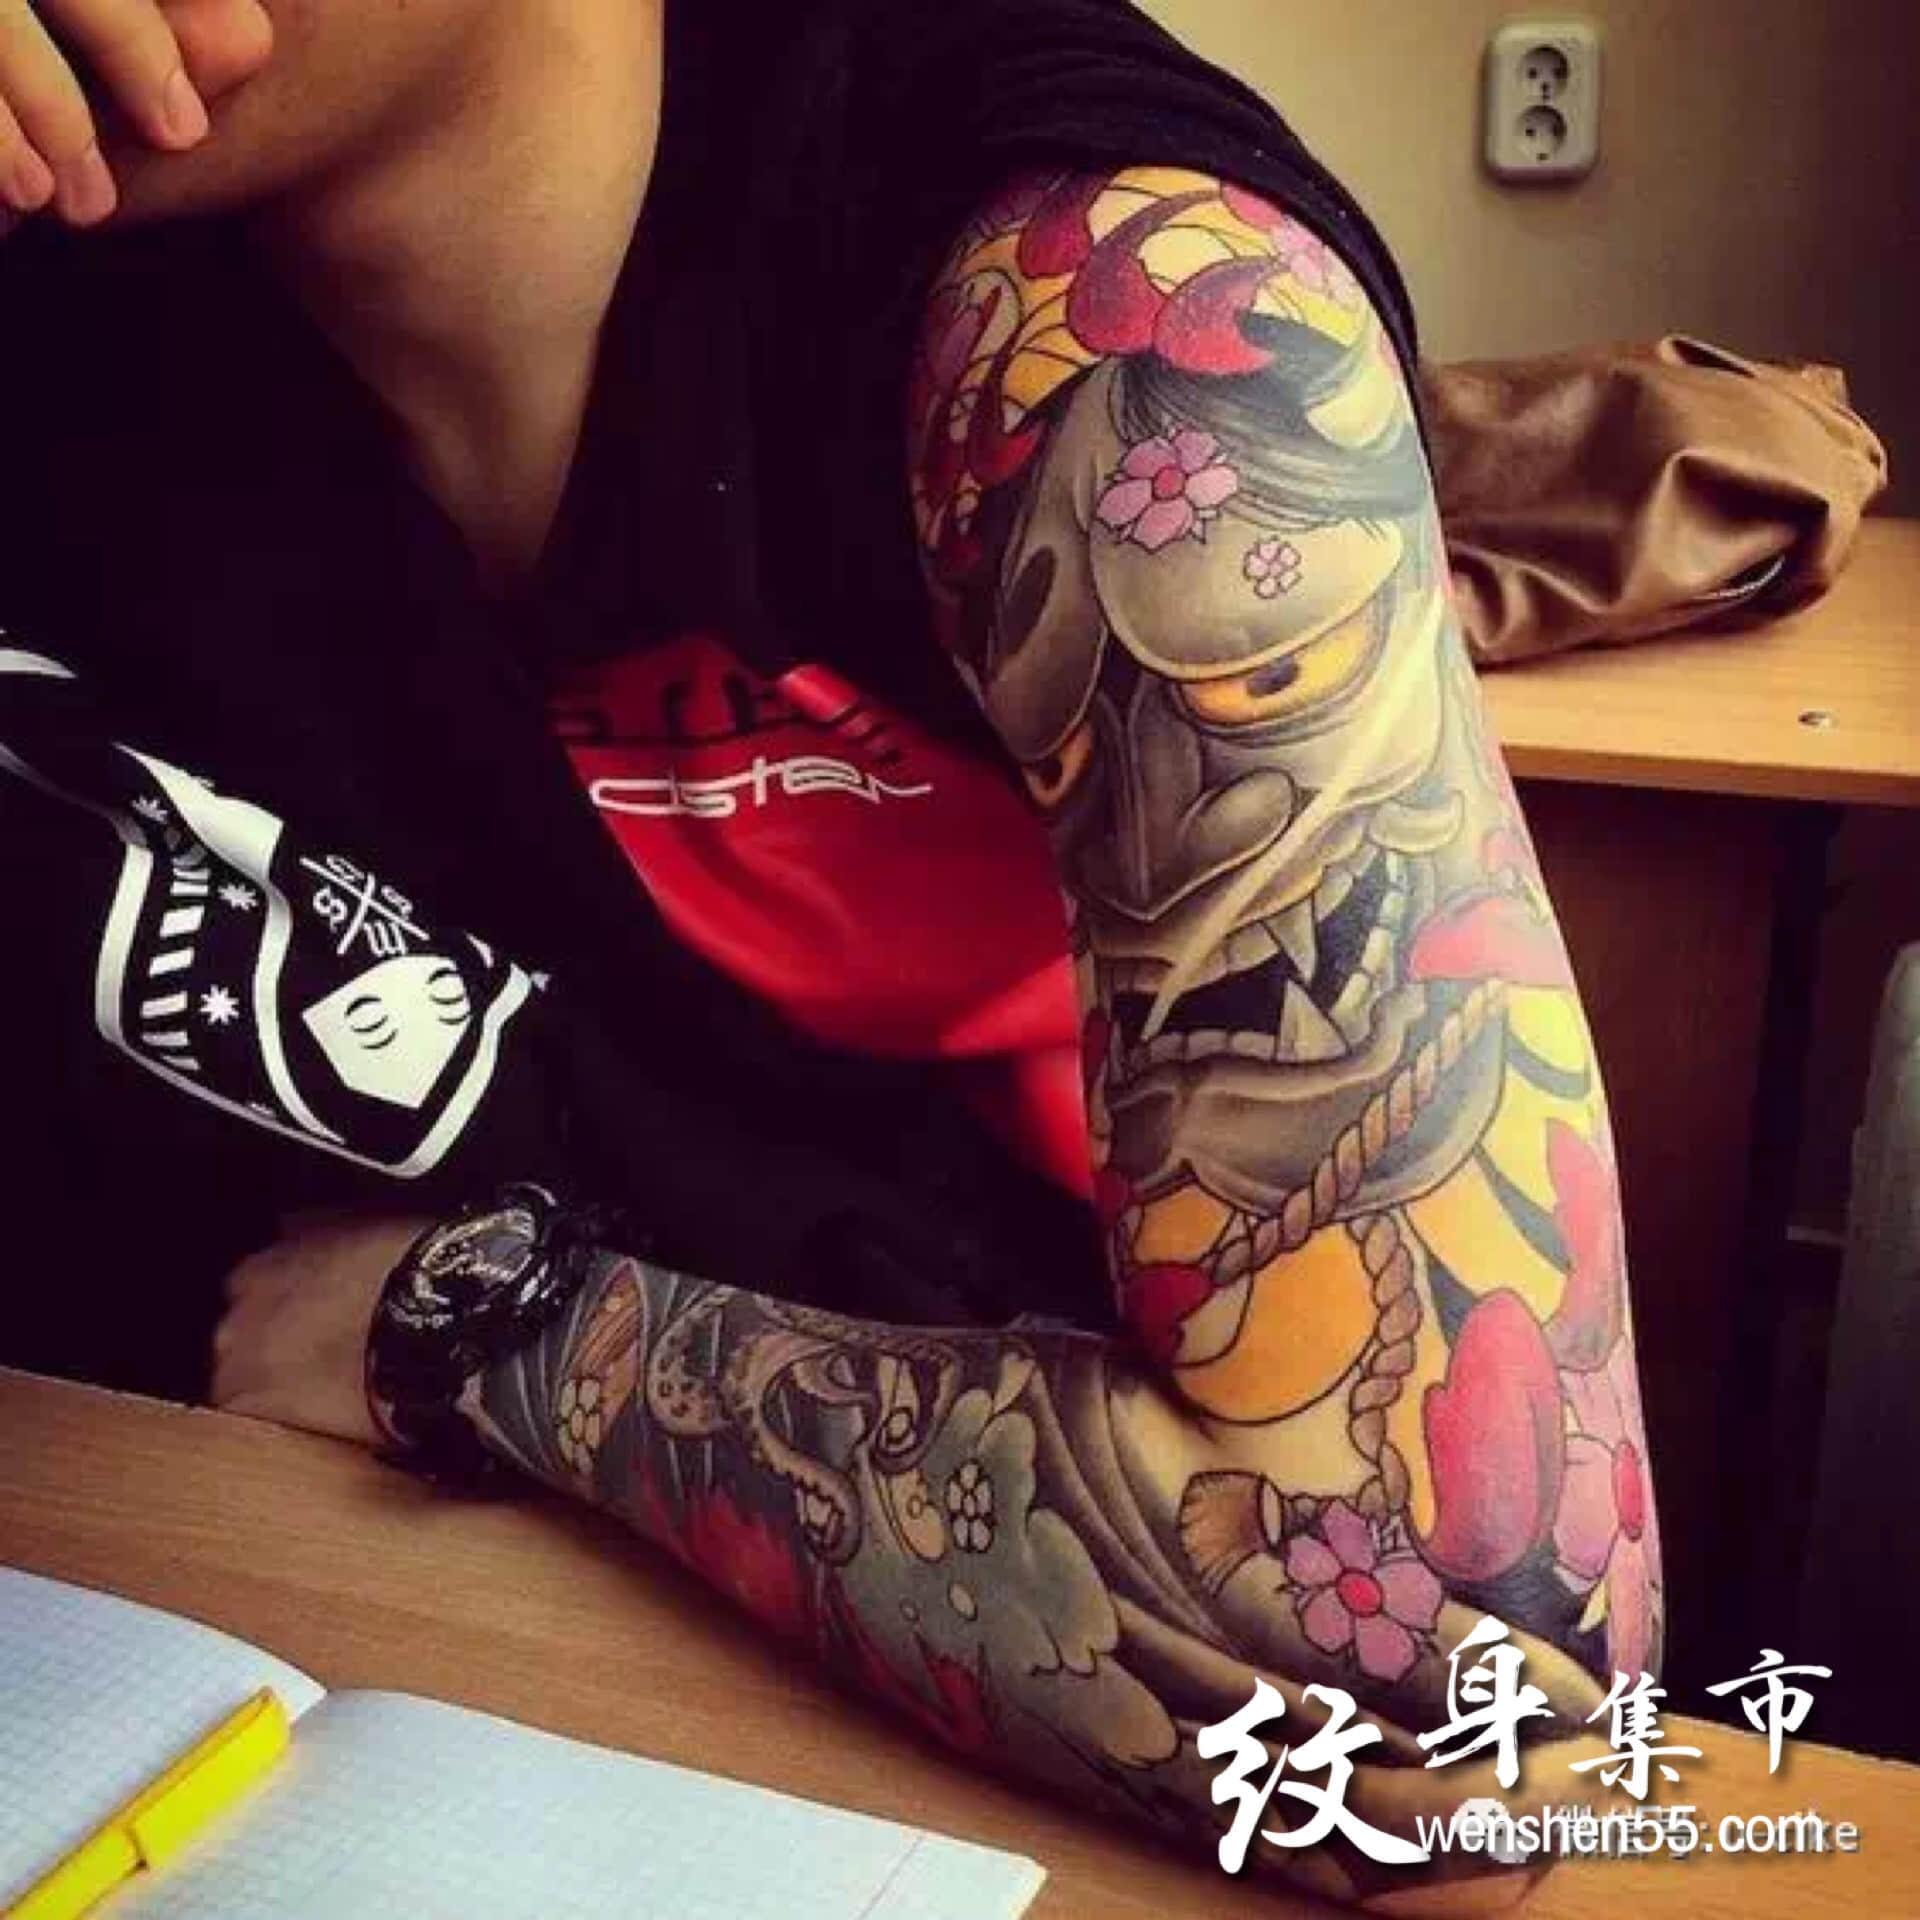 般若纹身,般若纹身手稿